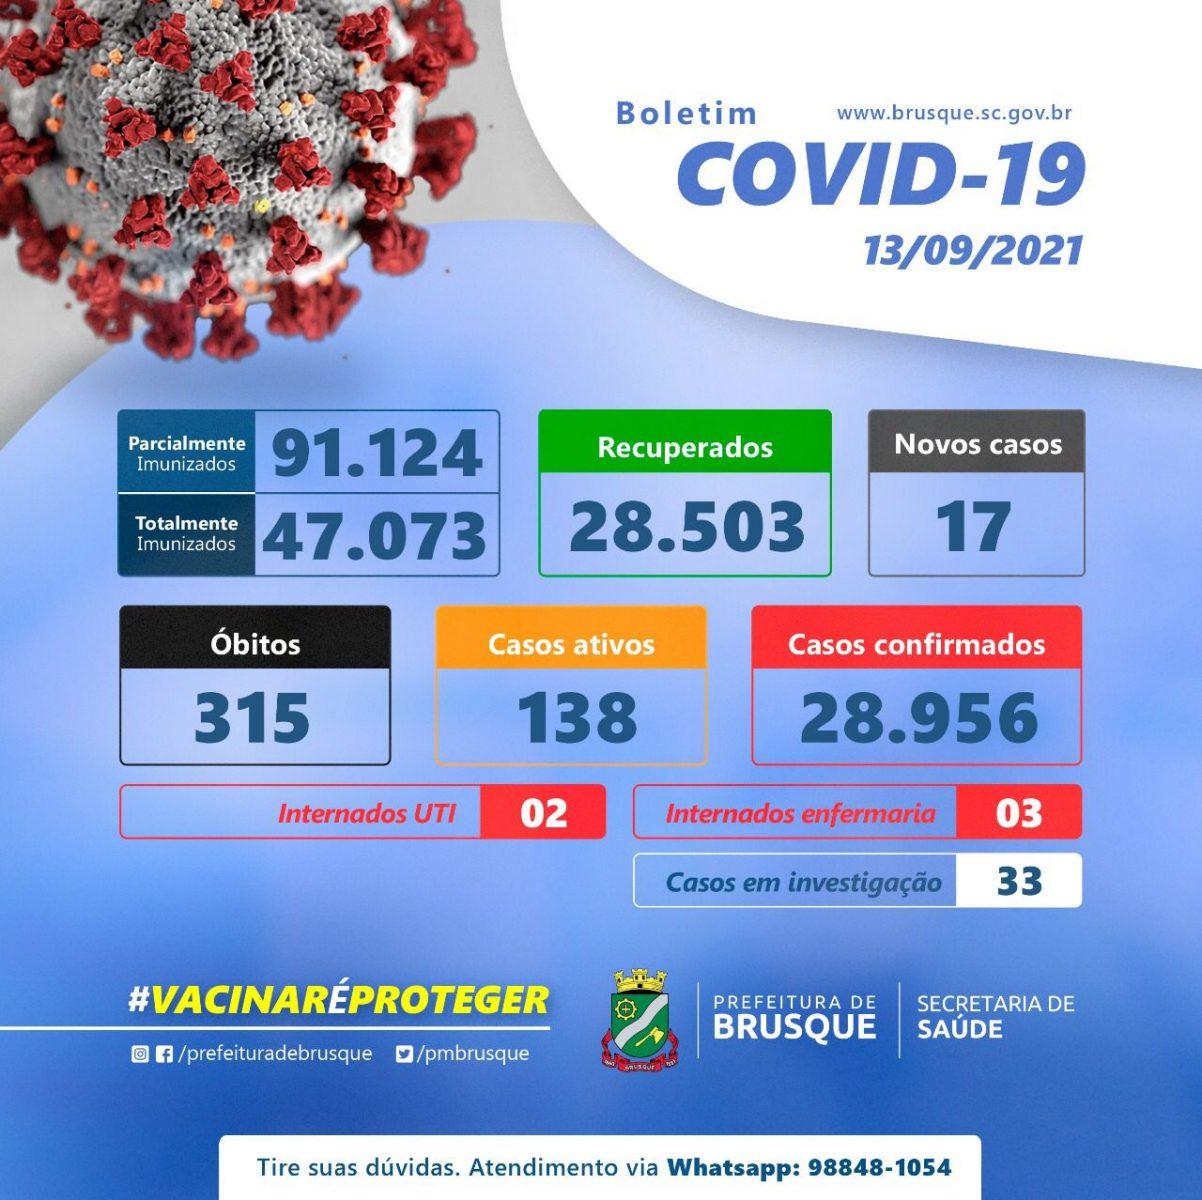 Covid-19: Confira os números atualizados da doença, em Brusque